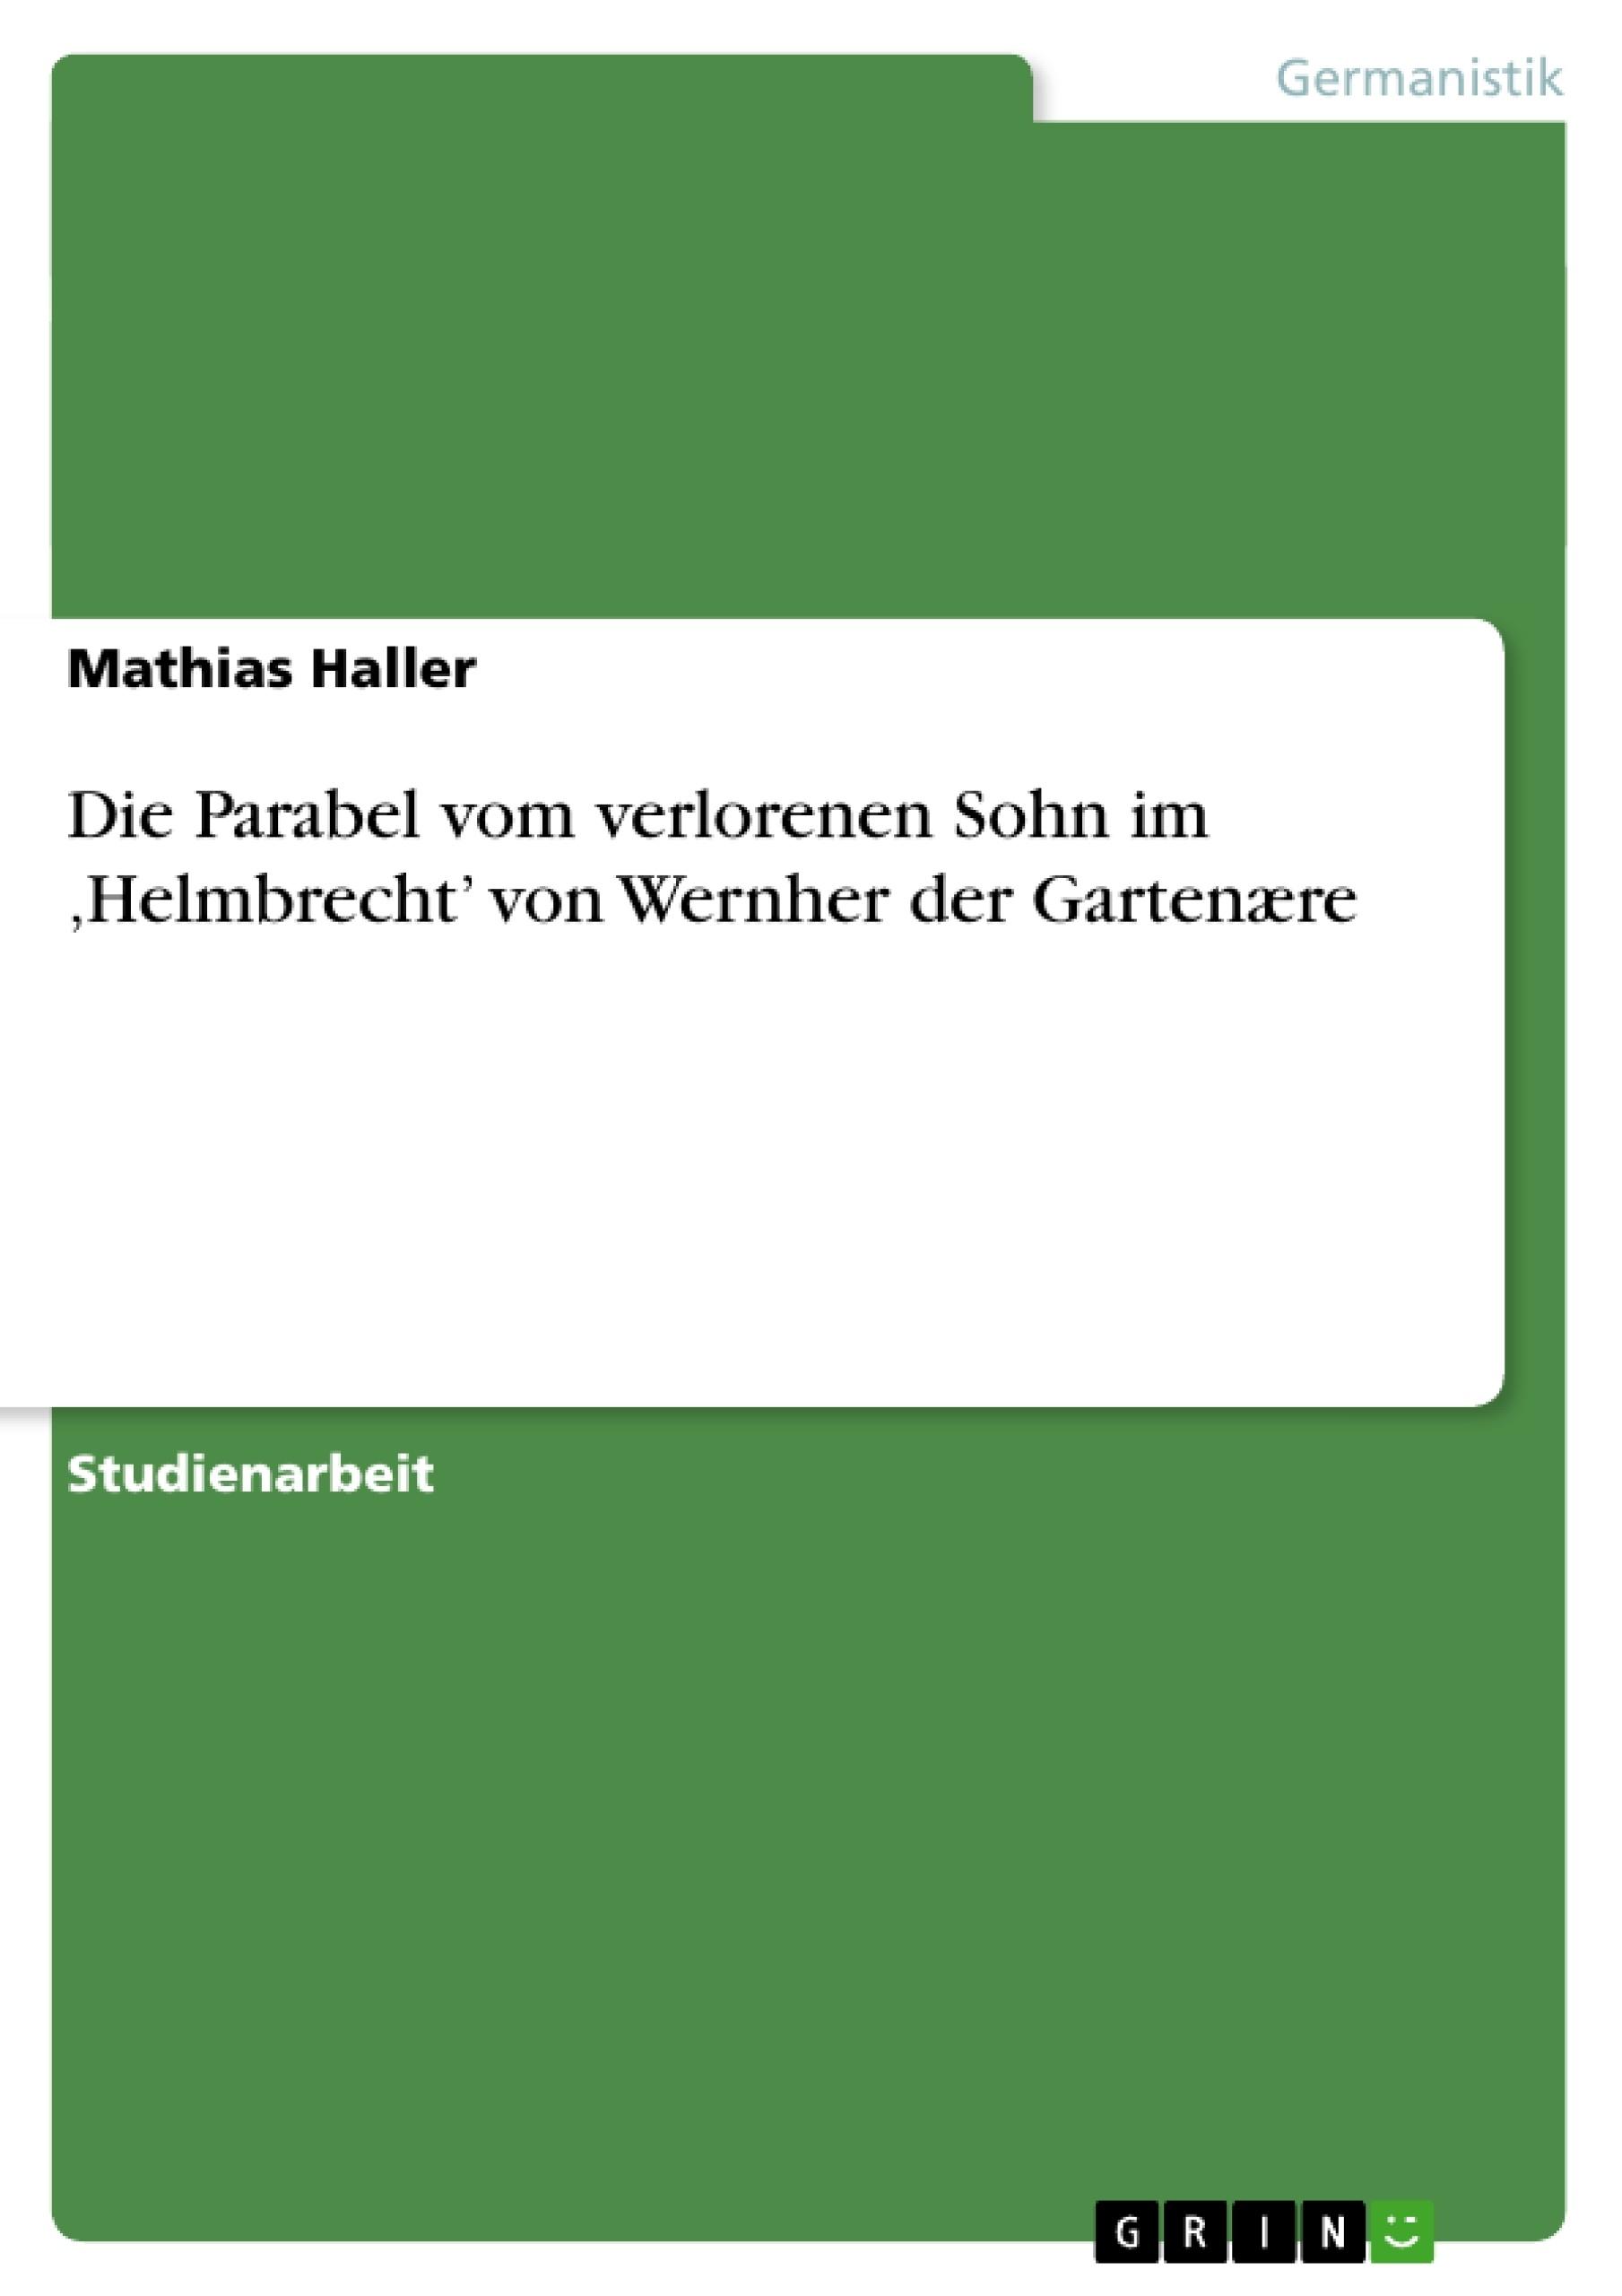 Titel: Die Parabel vom verlorenen Sohn  im 'Helmbrecht' von Wernher der Gartenære